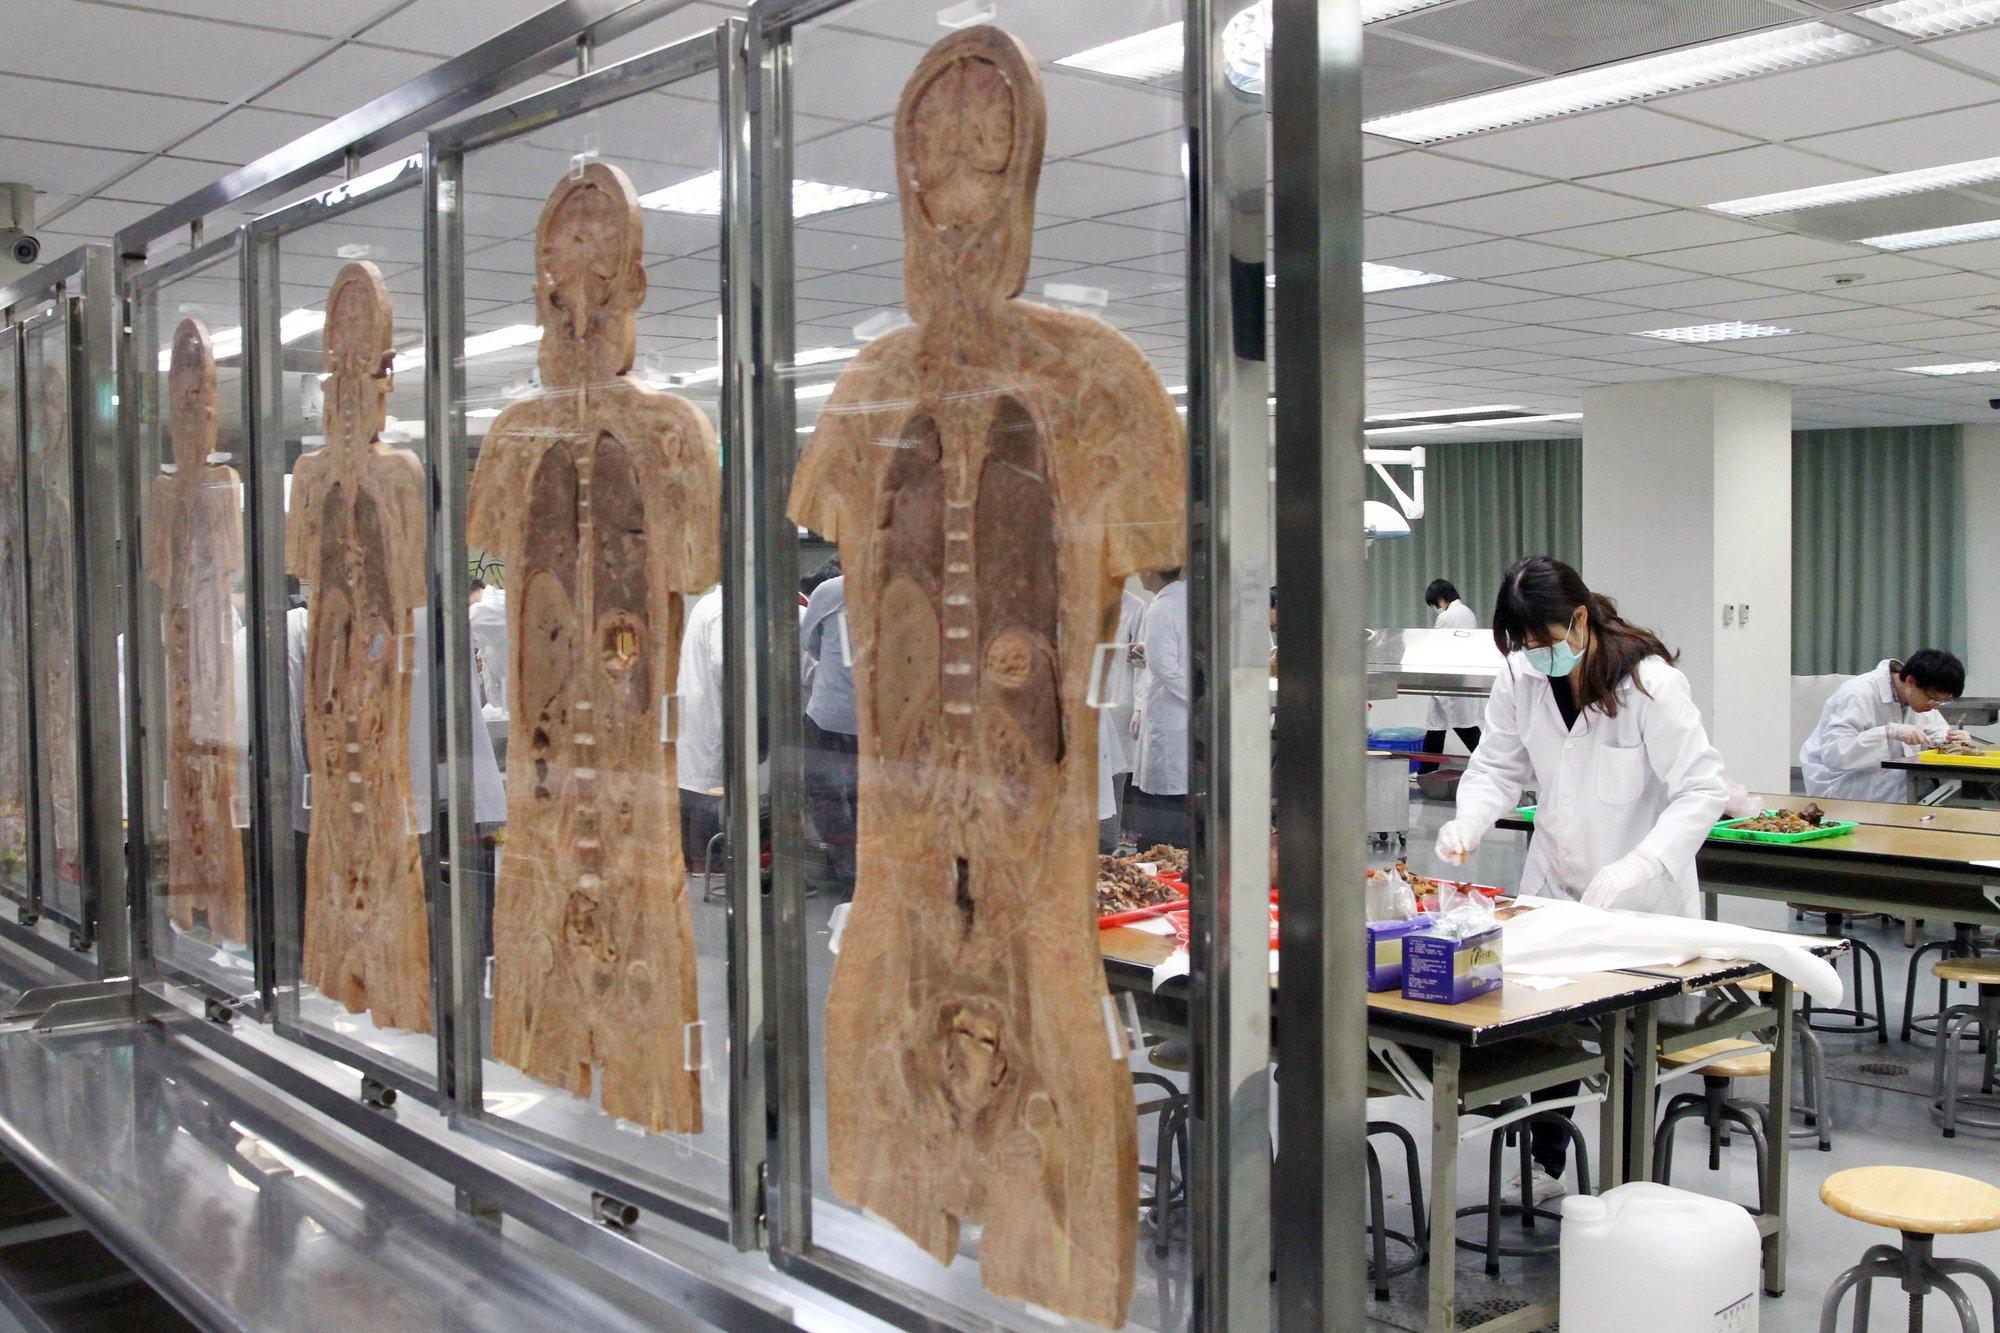 解剖课上。